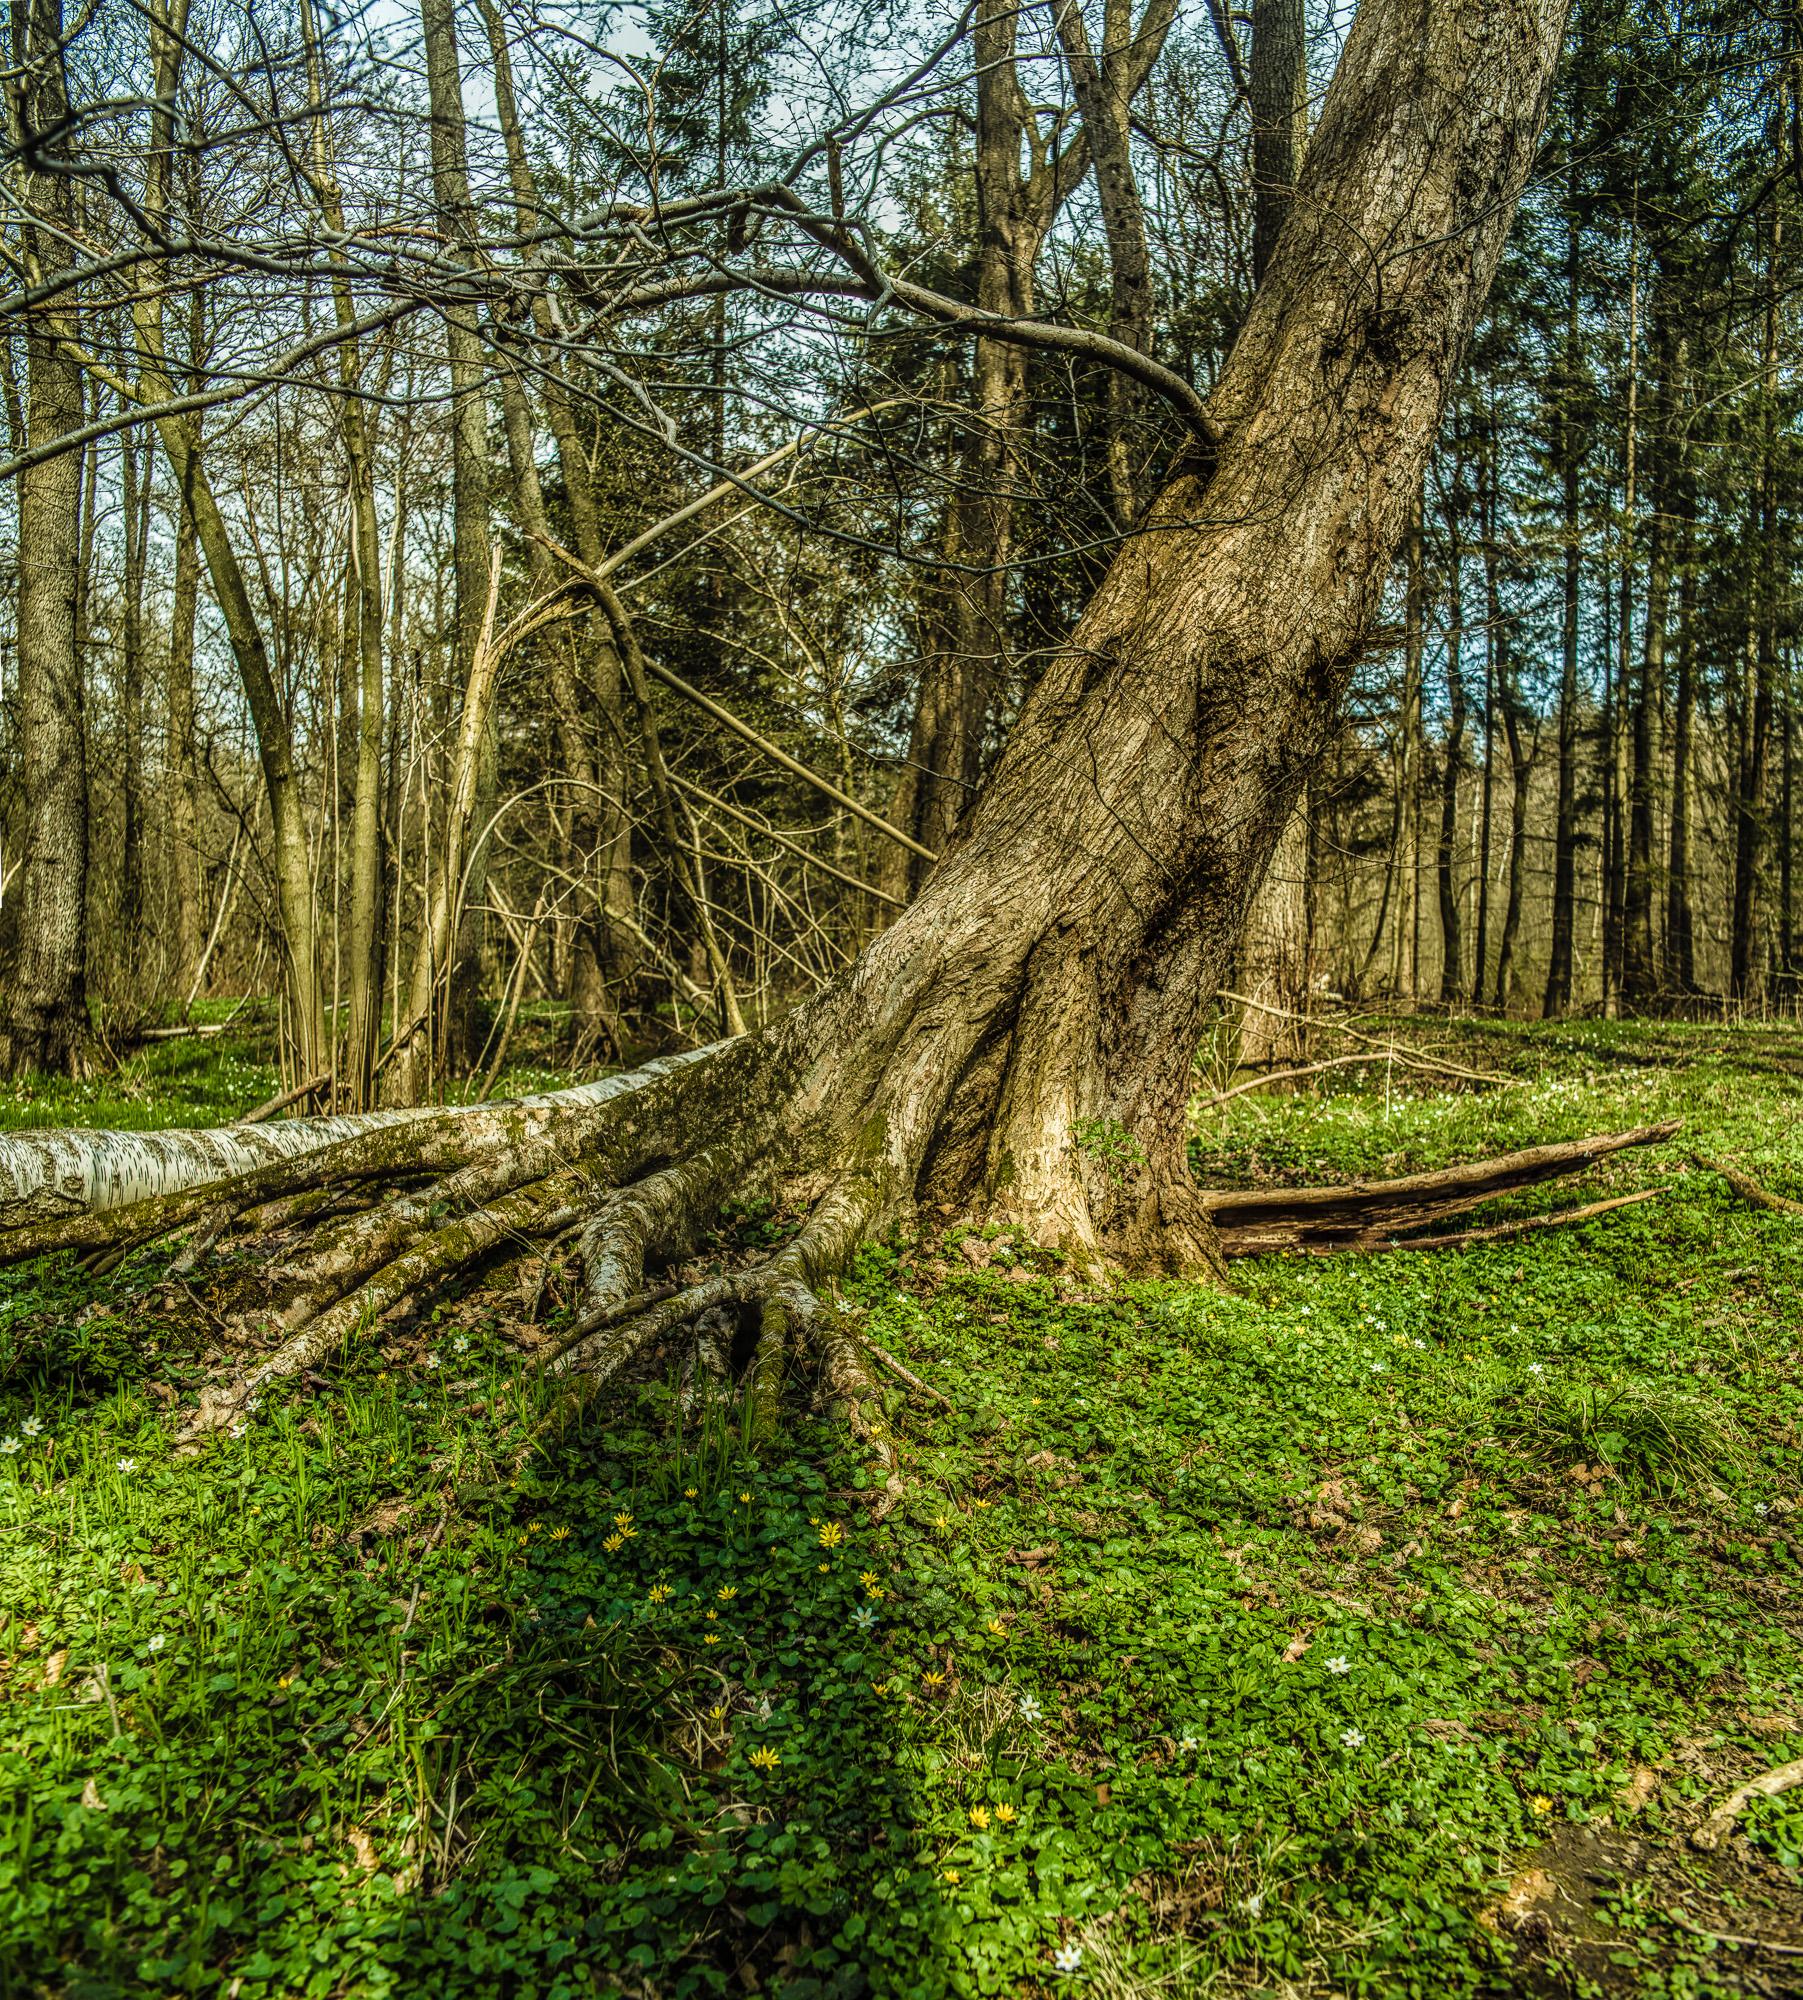 schräg stehender Baum mit freiliegenden Wurzeln